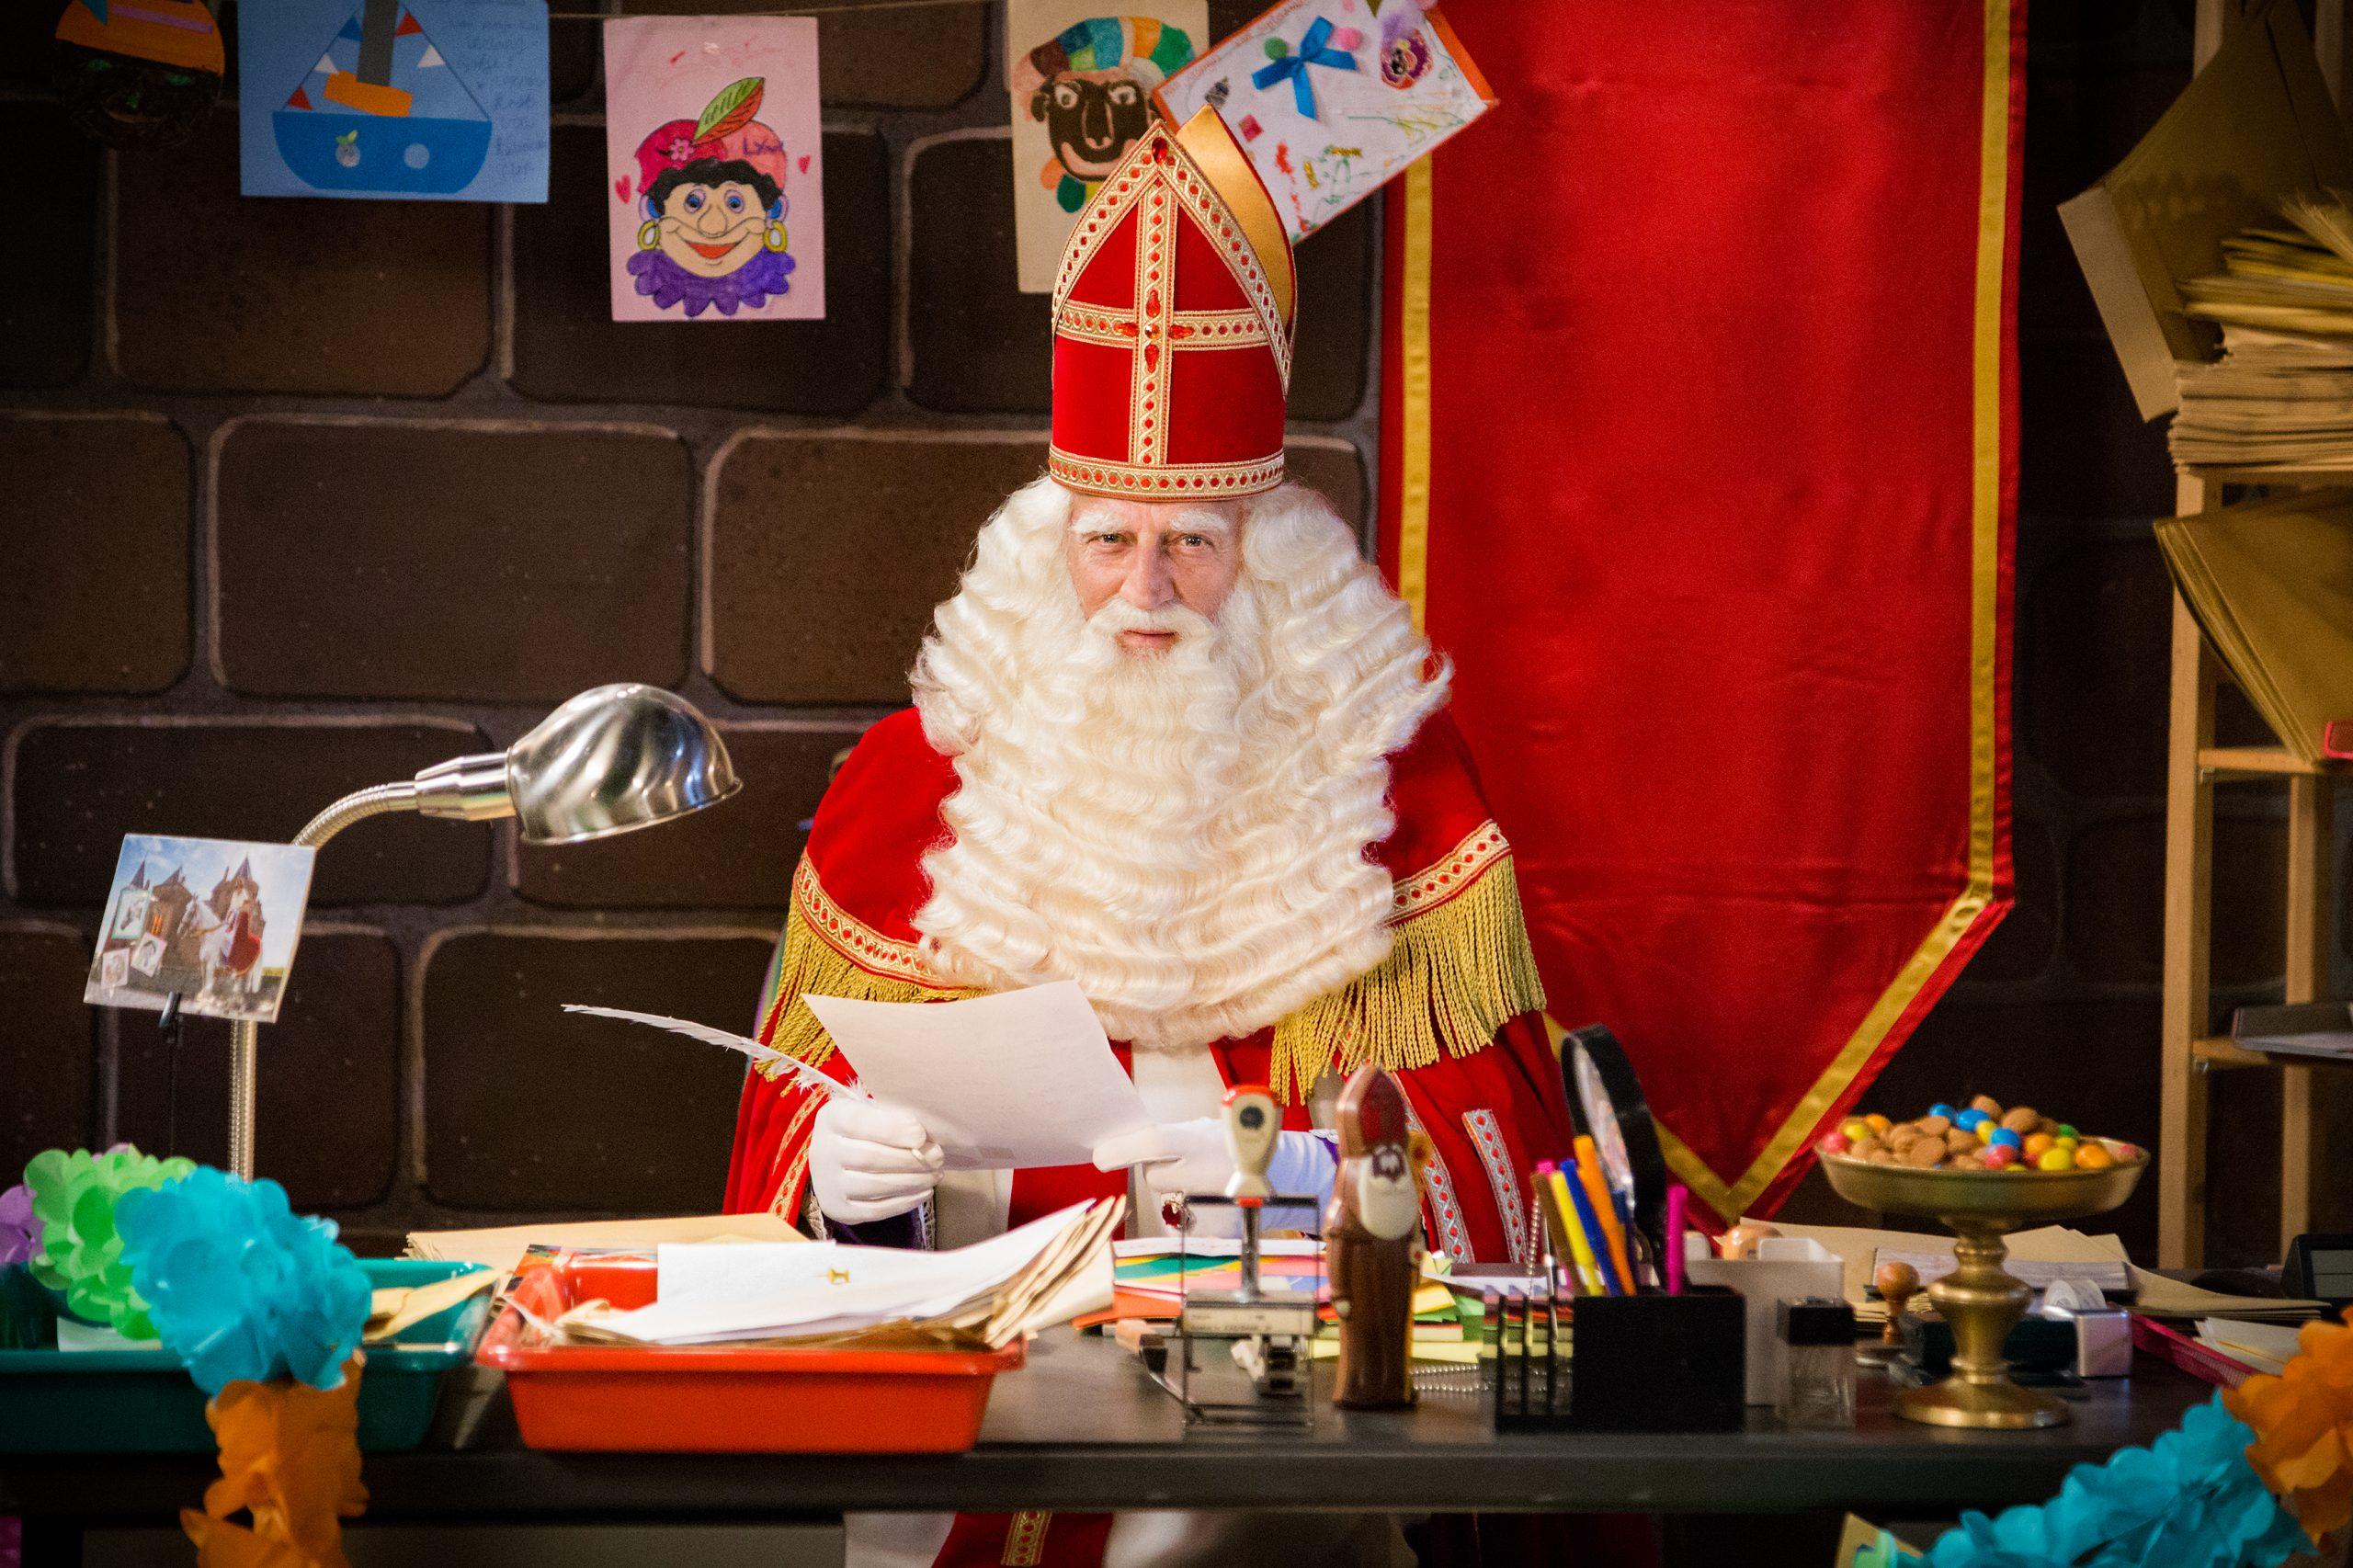 Een gepersonaliseerde video van Sinterklaas. Super leuk om pakjesavond mee te starten met je kinderen